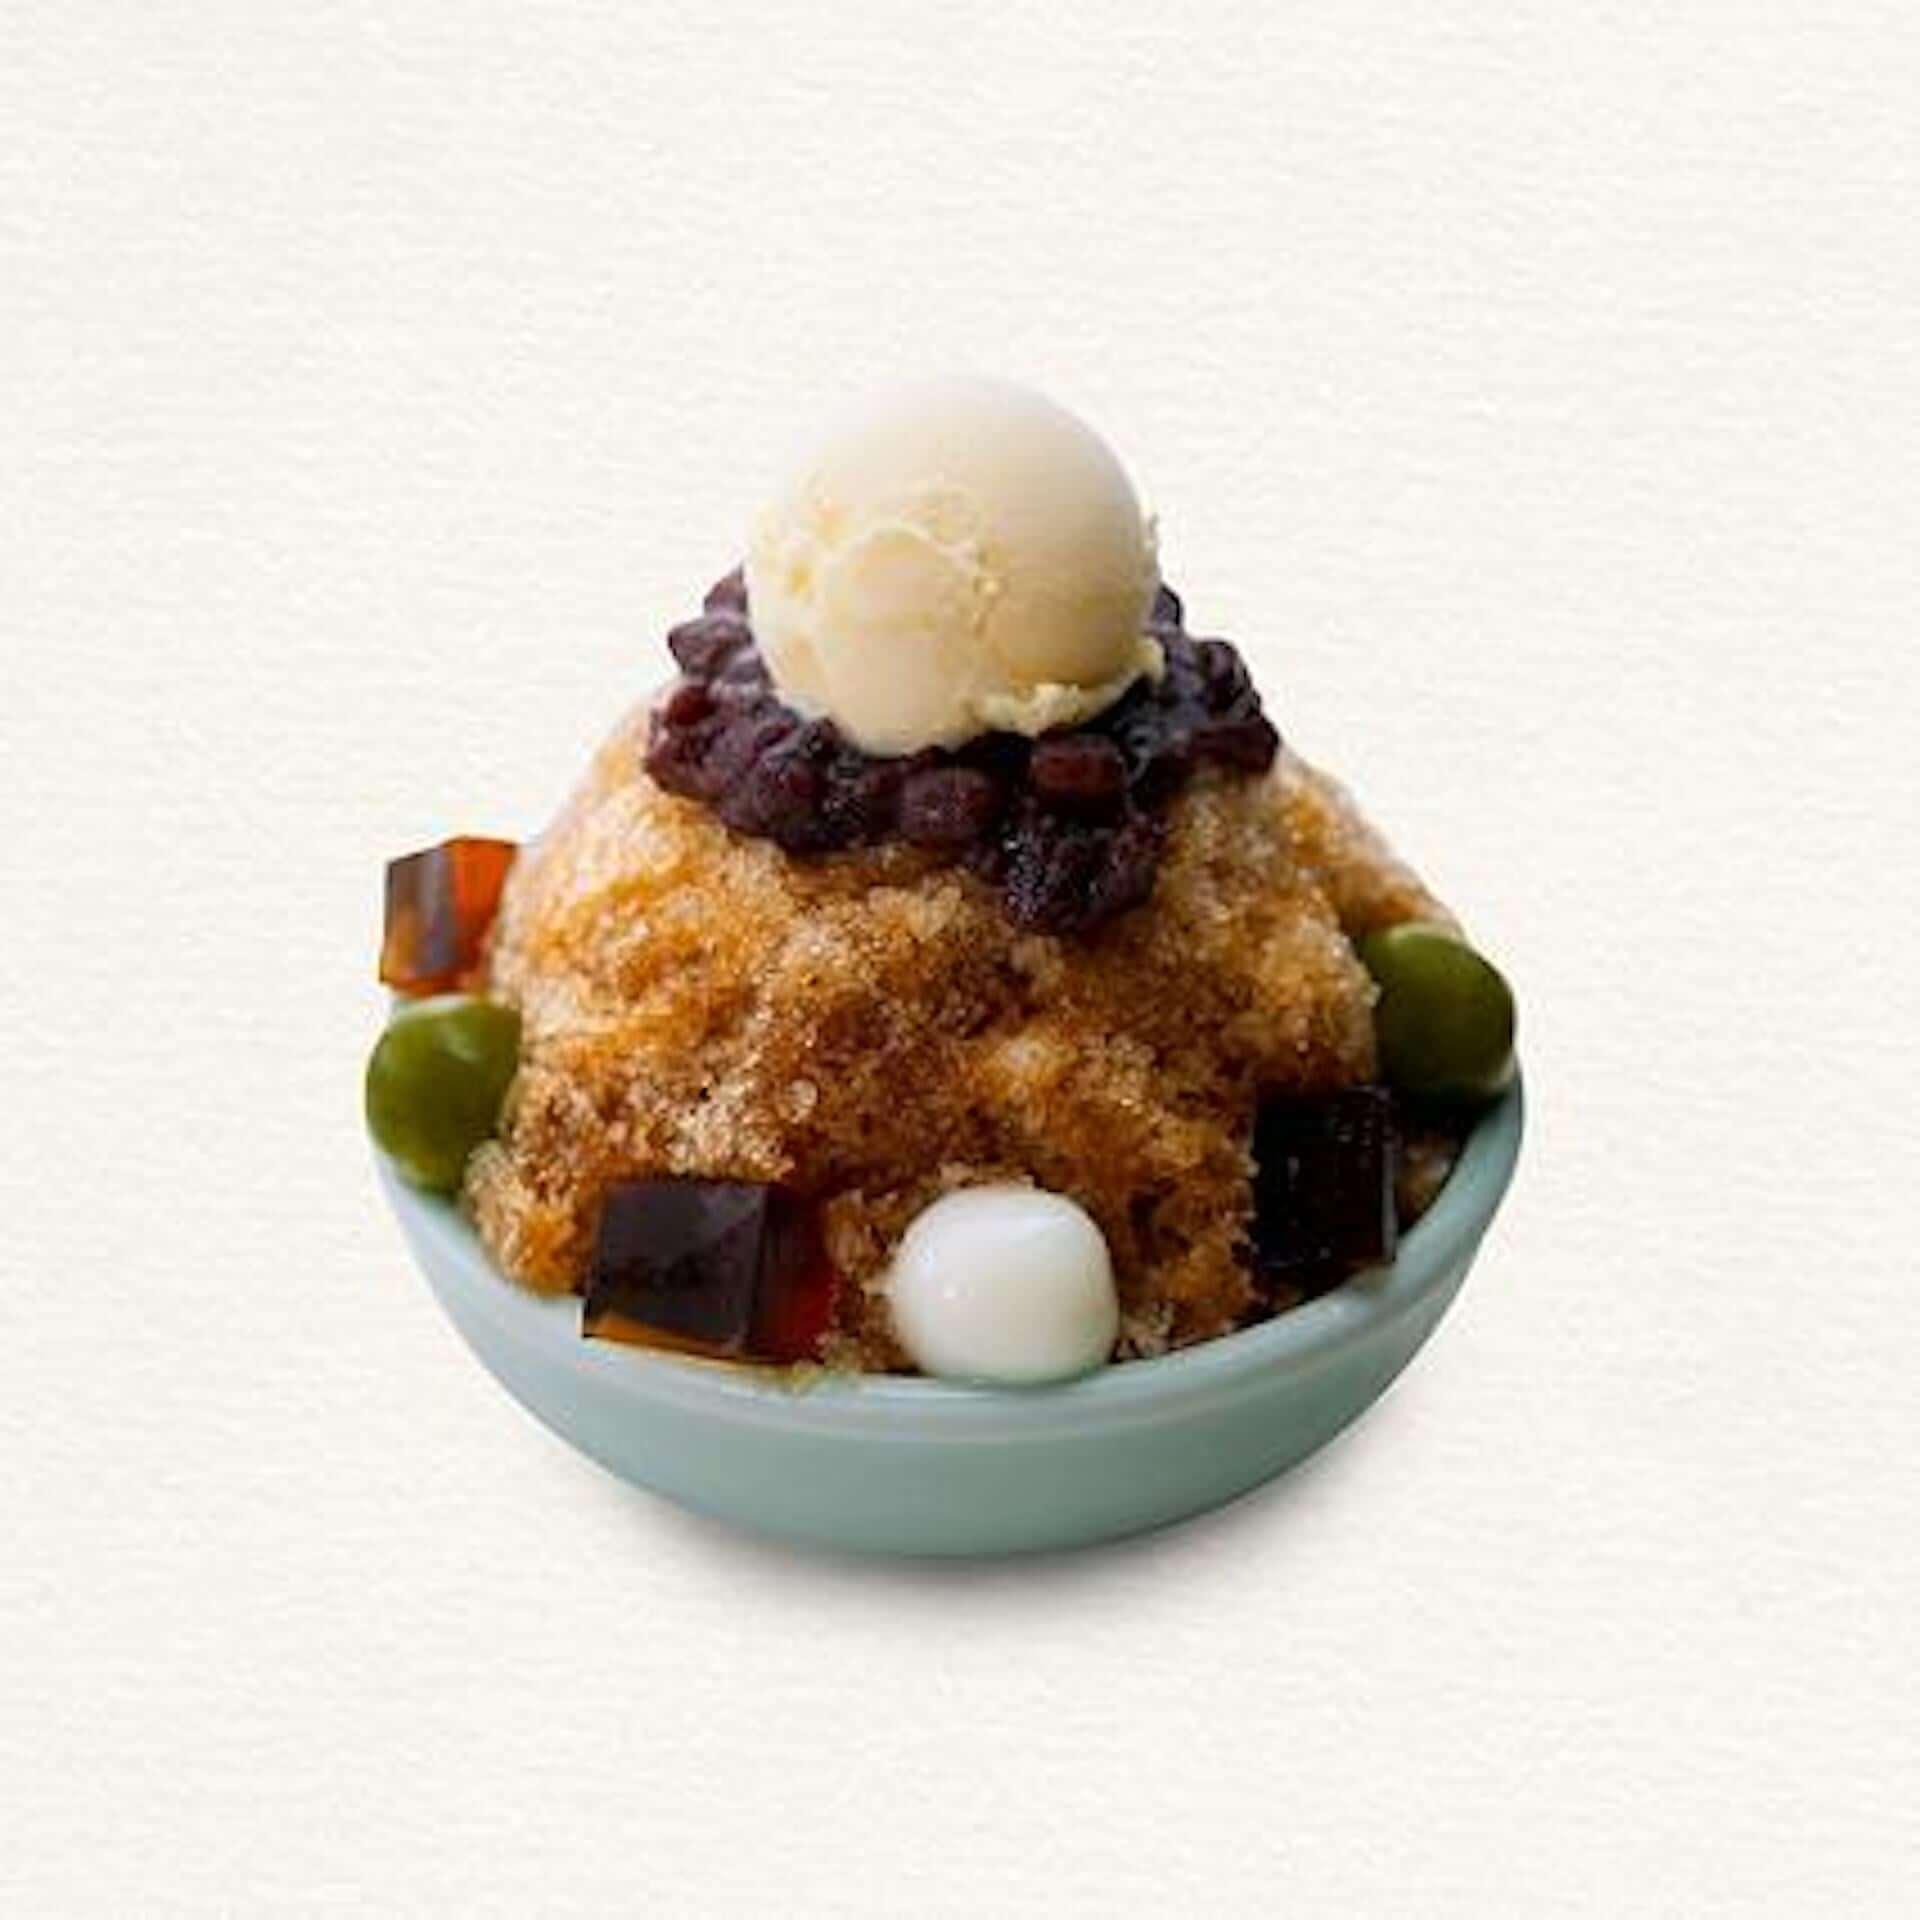 """ひんやりスイーツが美味しく食べられる季節がやってきた!大丸東京""""デパカフェ""""にかき氷、アイスなど20種類以上が登場 gourmet190702_kakigori_5-1920x1920"""